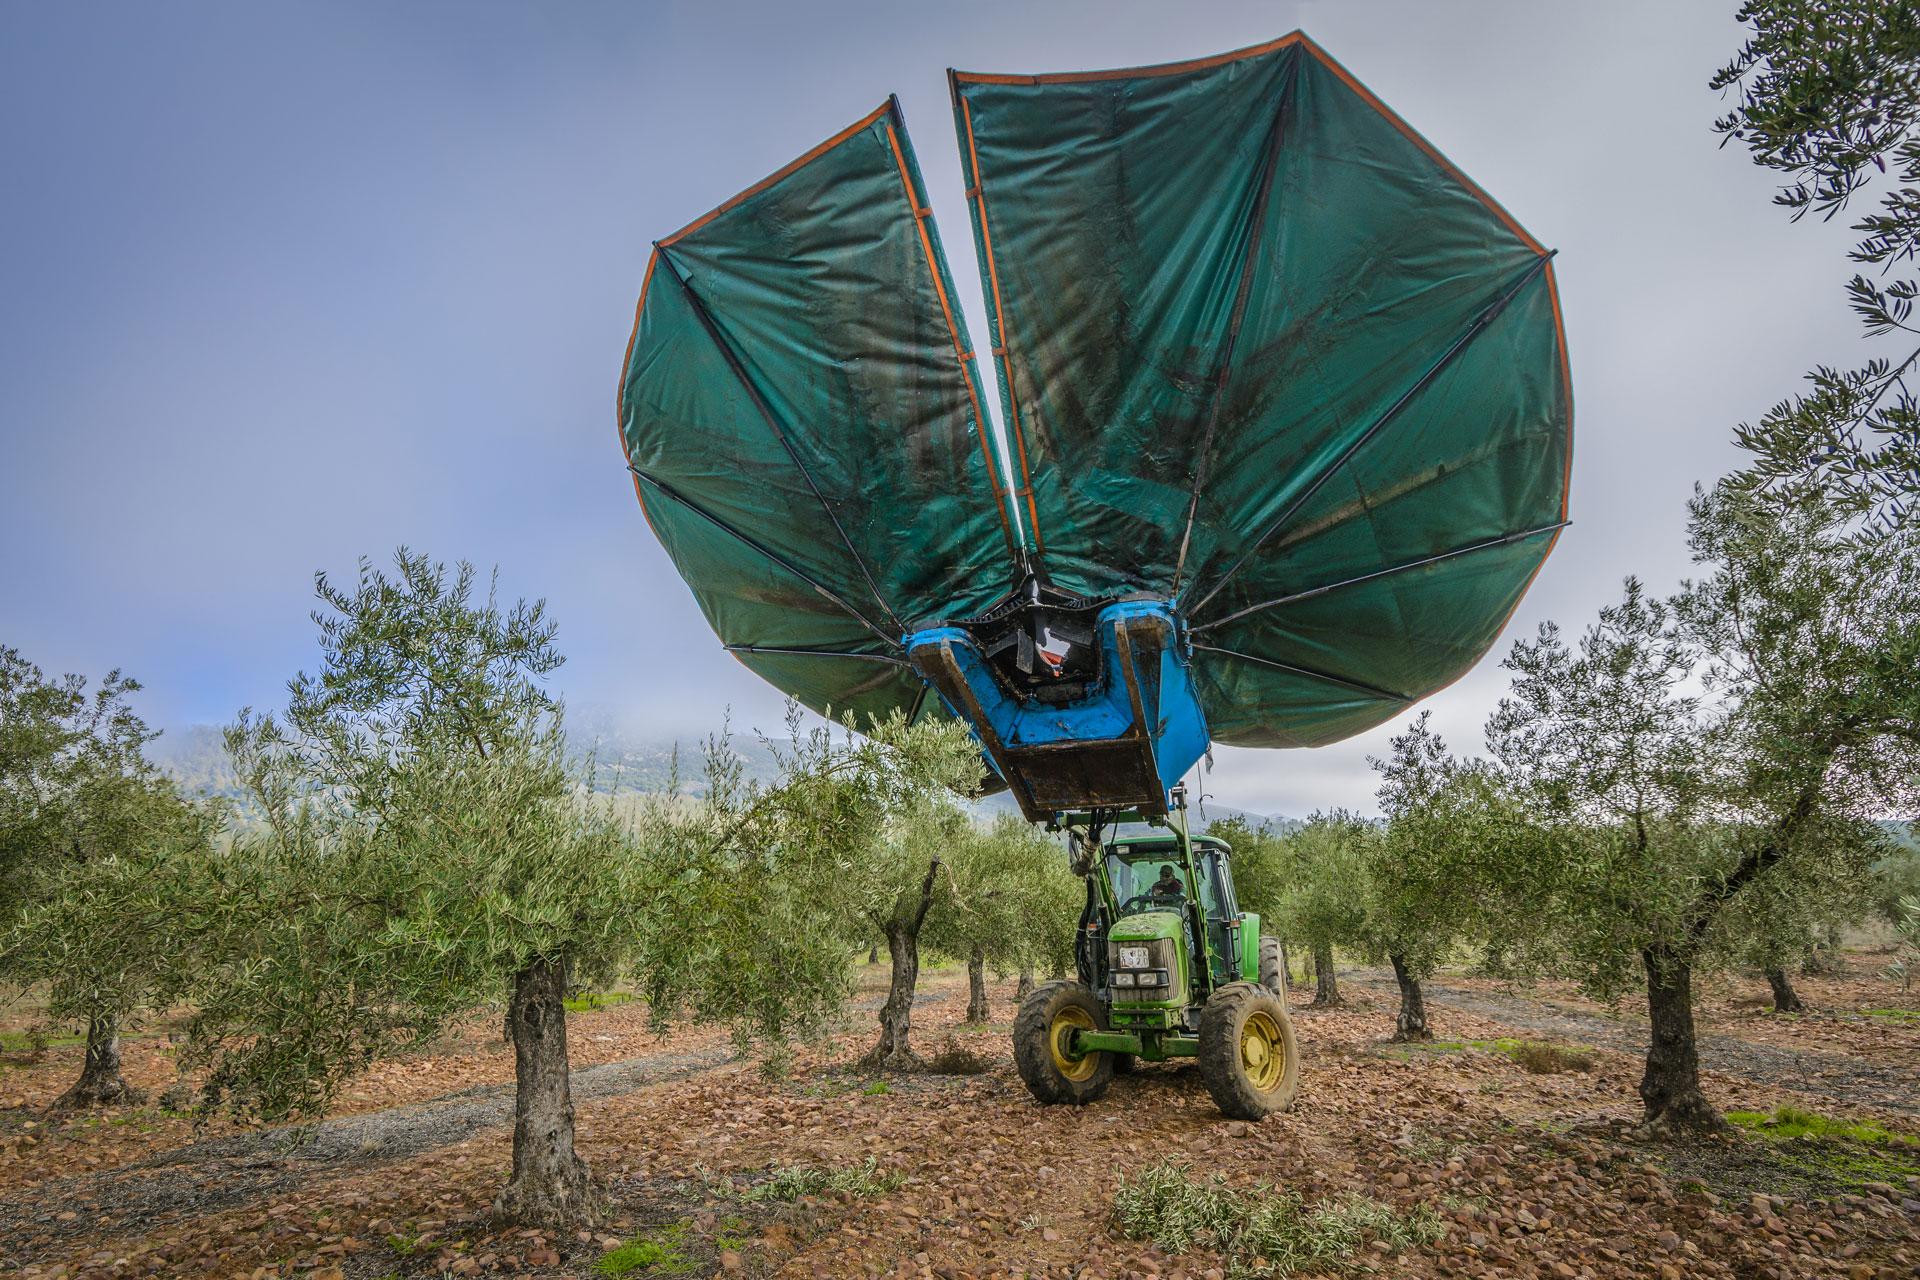 Recolecta de olivas aove